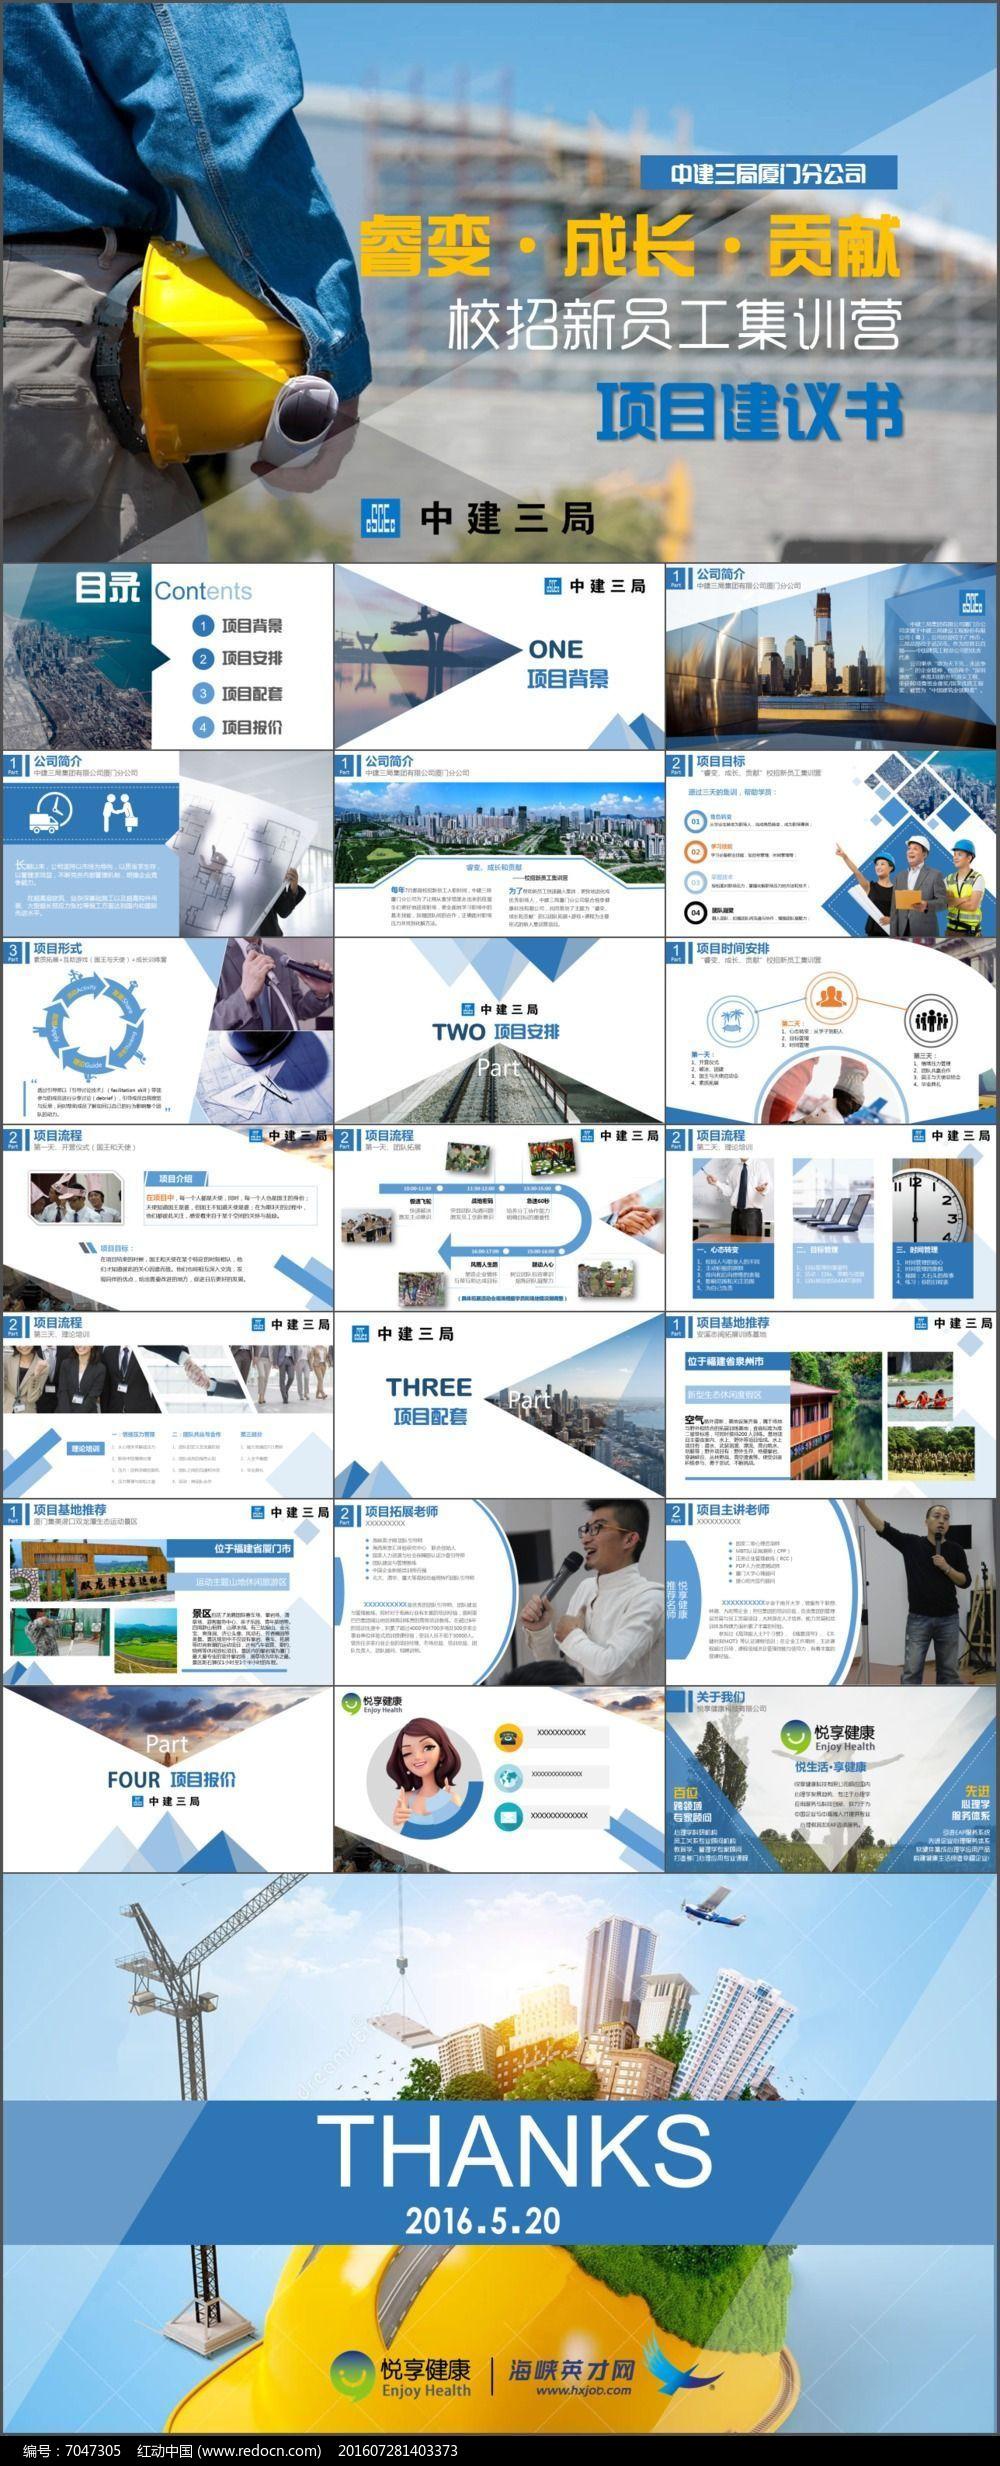 新员工培训学生集训创业计划动态PPT图片素材